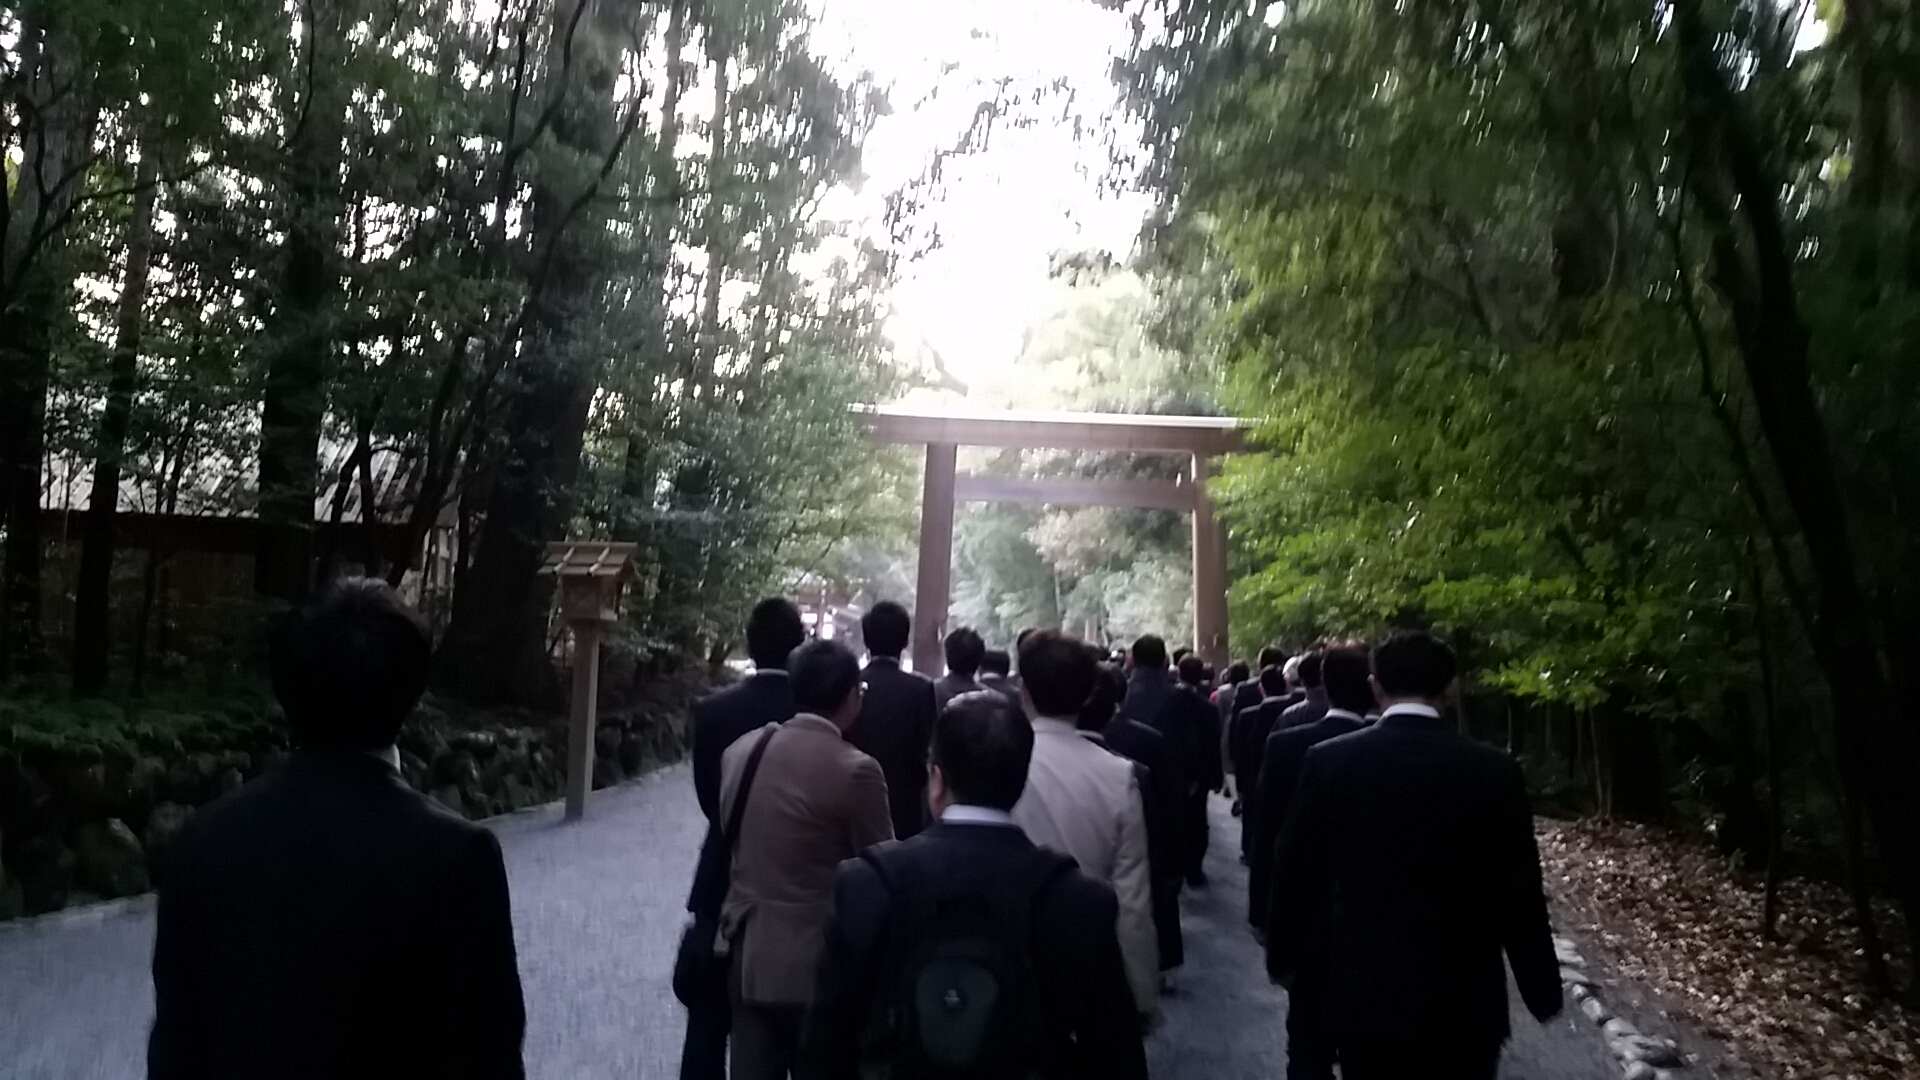 『和ごころ大学』ZOOMゼミ 開講日 行徳哲男 先生